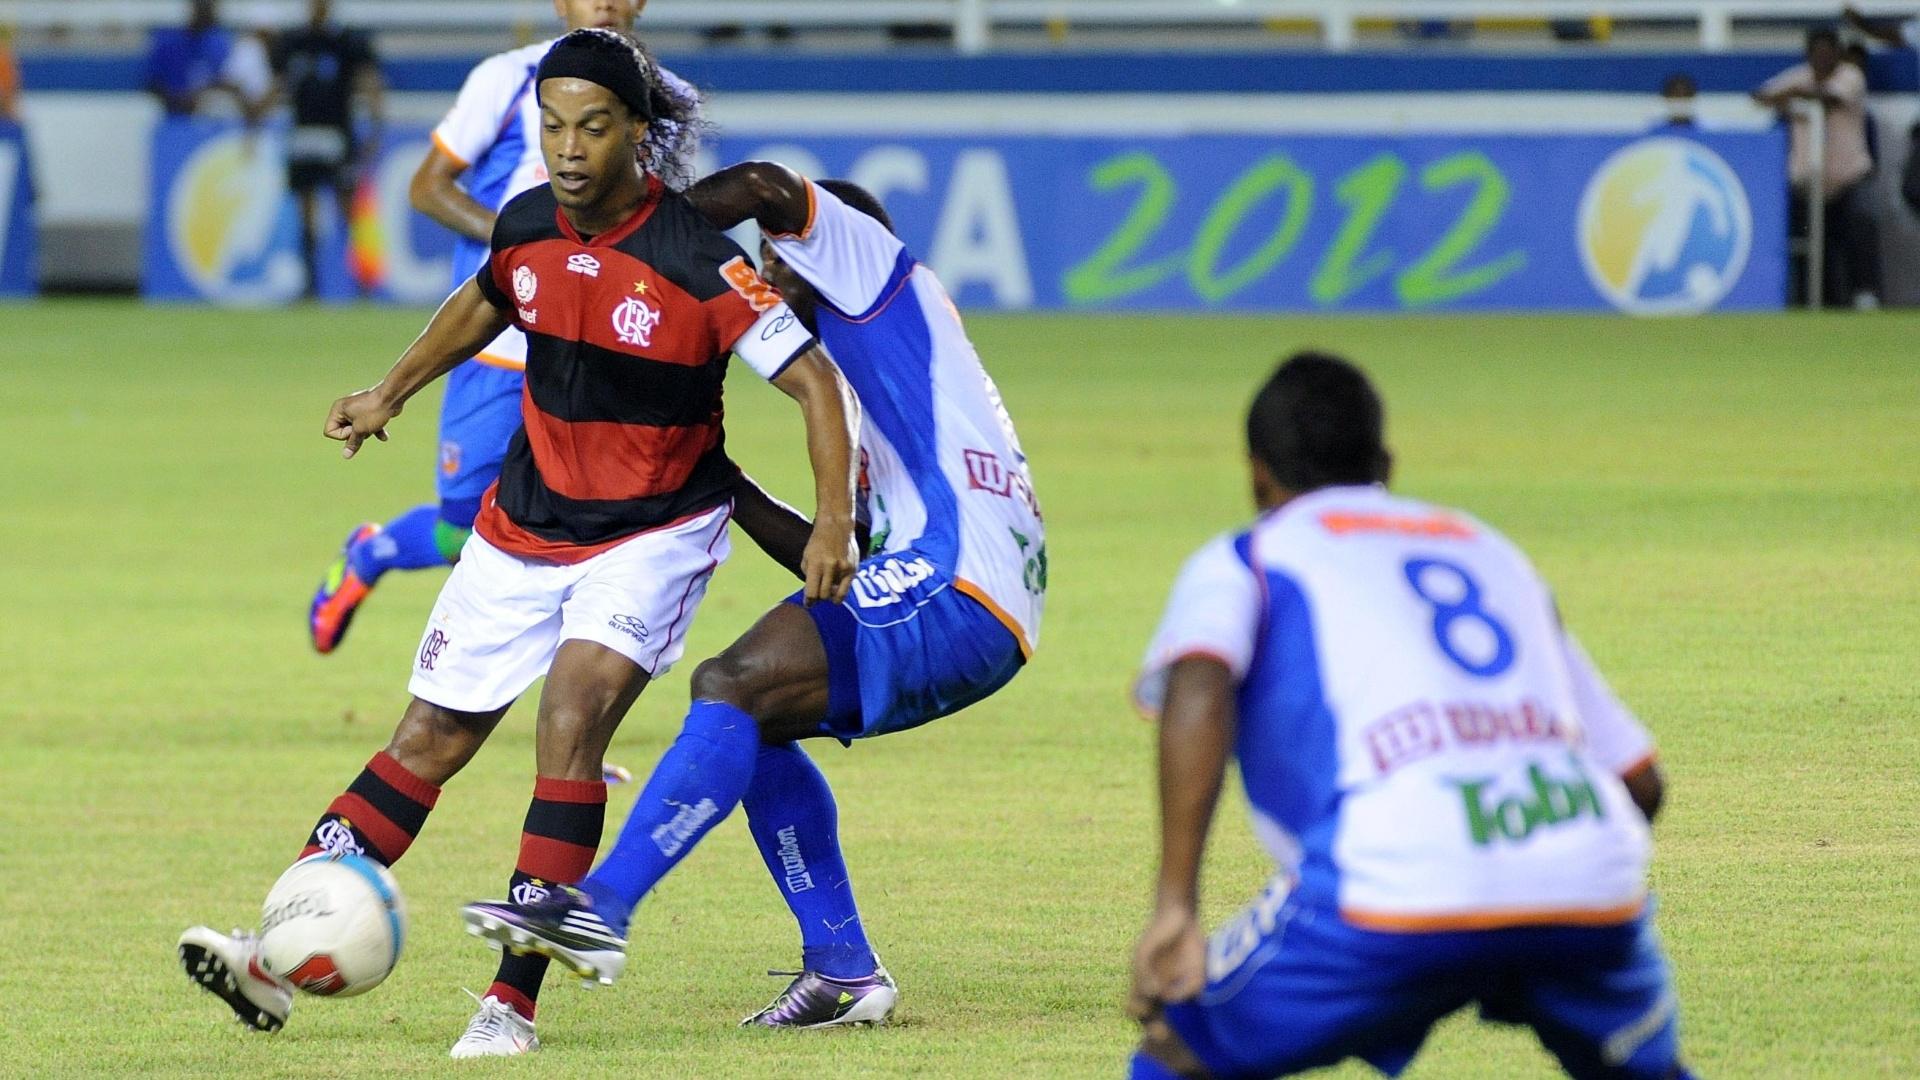 Ronaldinho Gaúcho recebe atenção especial da defesa do Duque de Caxias durante partida do Flamengo